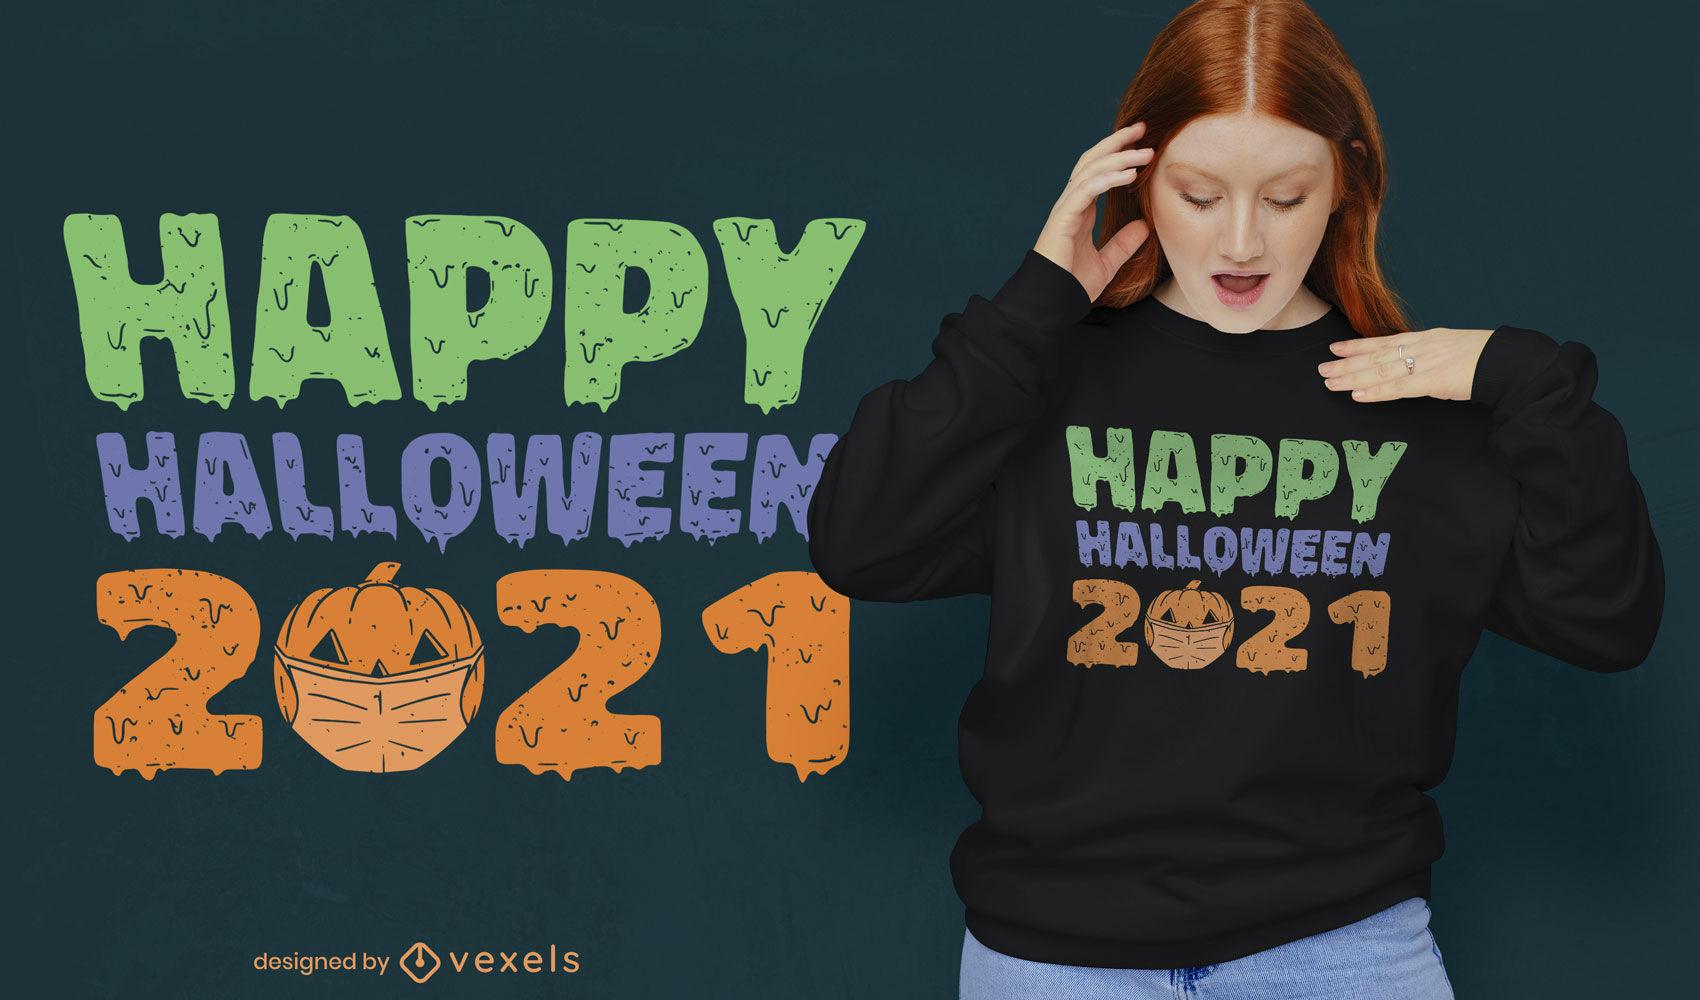 Sep 03, 2021· redondo beach weather: T-Shirt-Design Für Halloween 2021 - Vektor Download